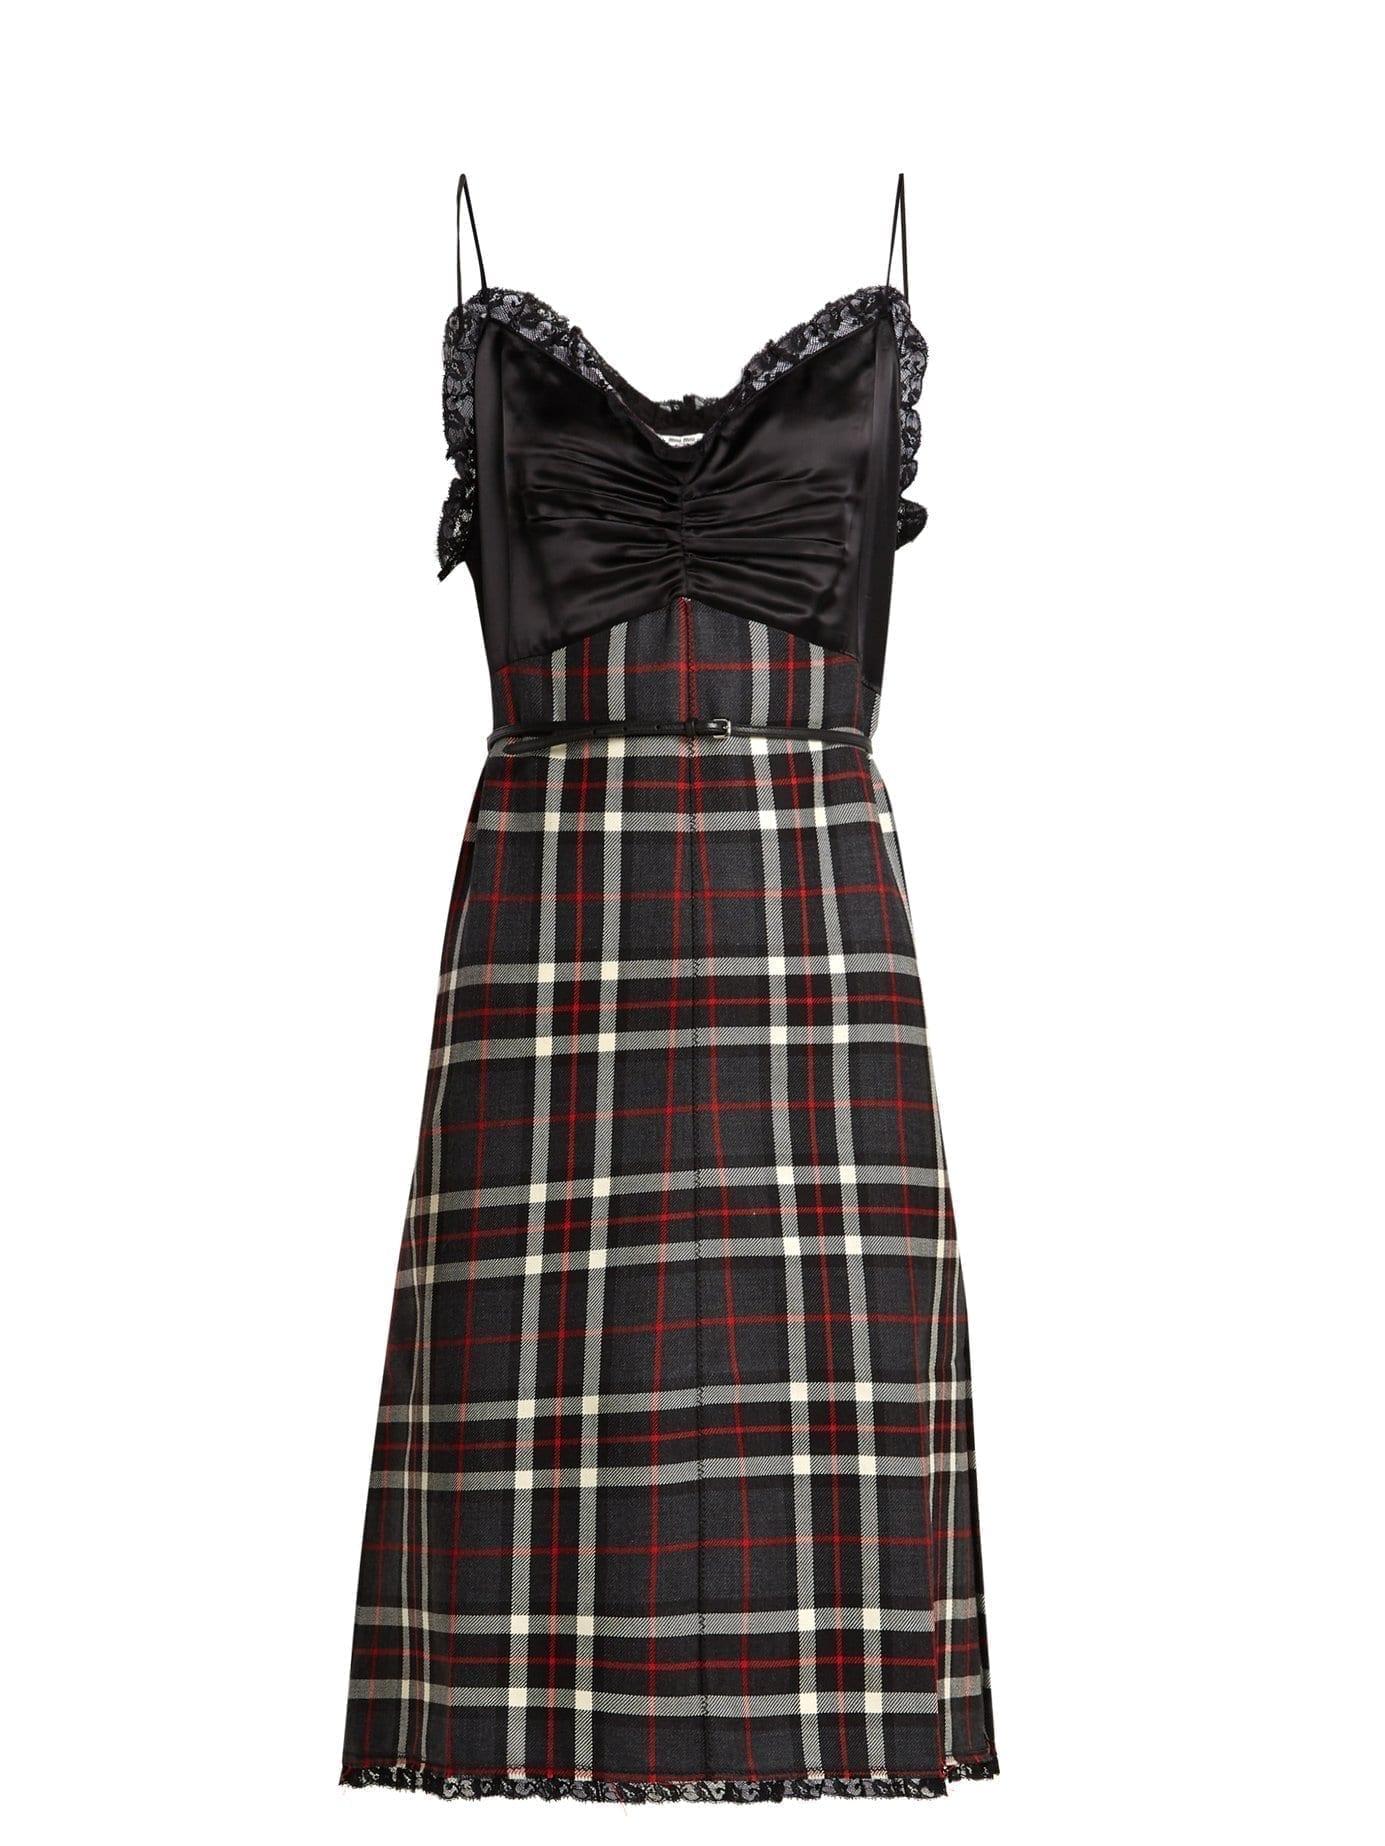 3d10ba013c MIU MIU Tartan Satin And Wool Cami Black Dress - We Select Dresses